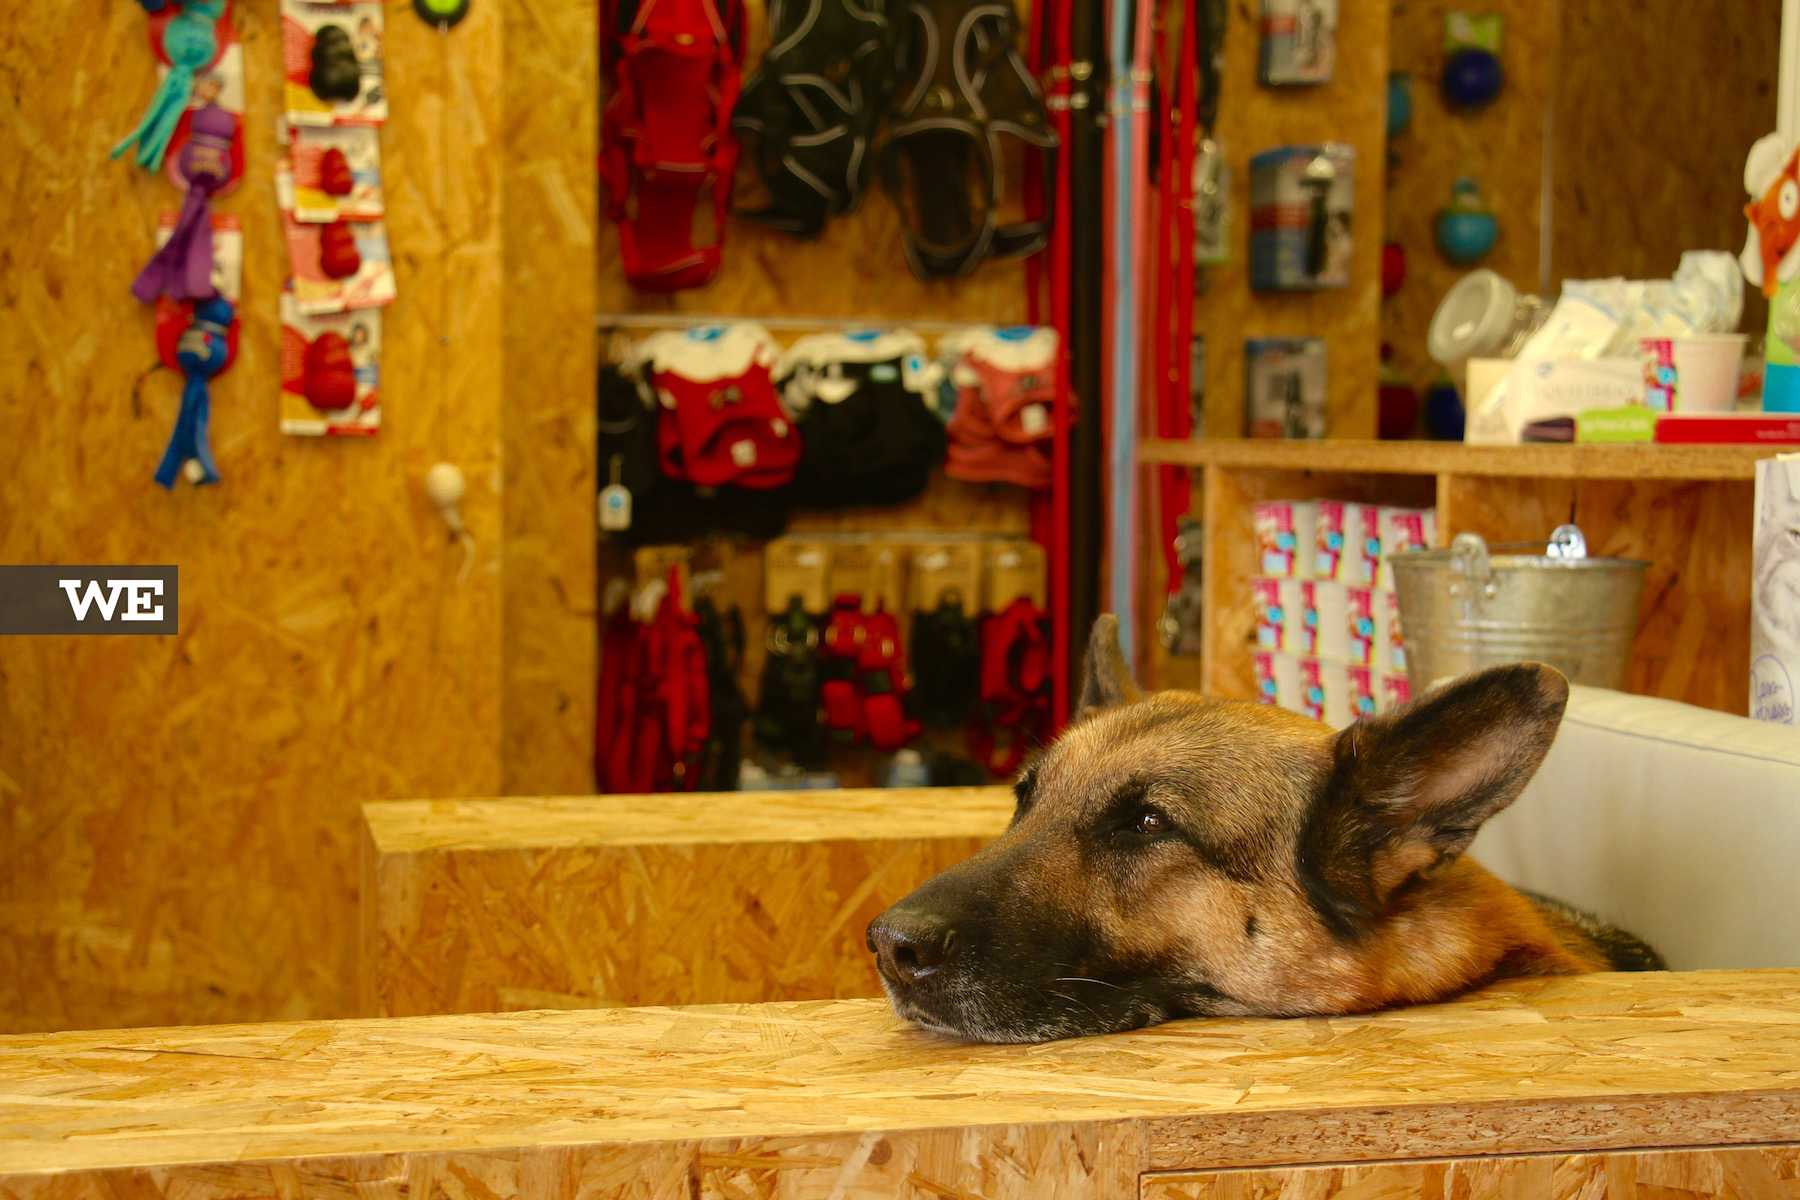 Na Petbliss o seu cão ou gato é convidado a explorar a loja a vontade